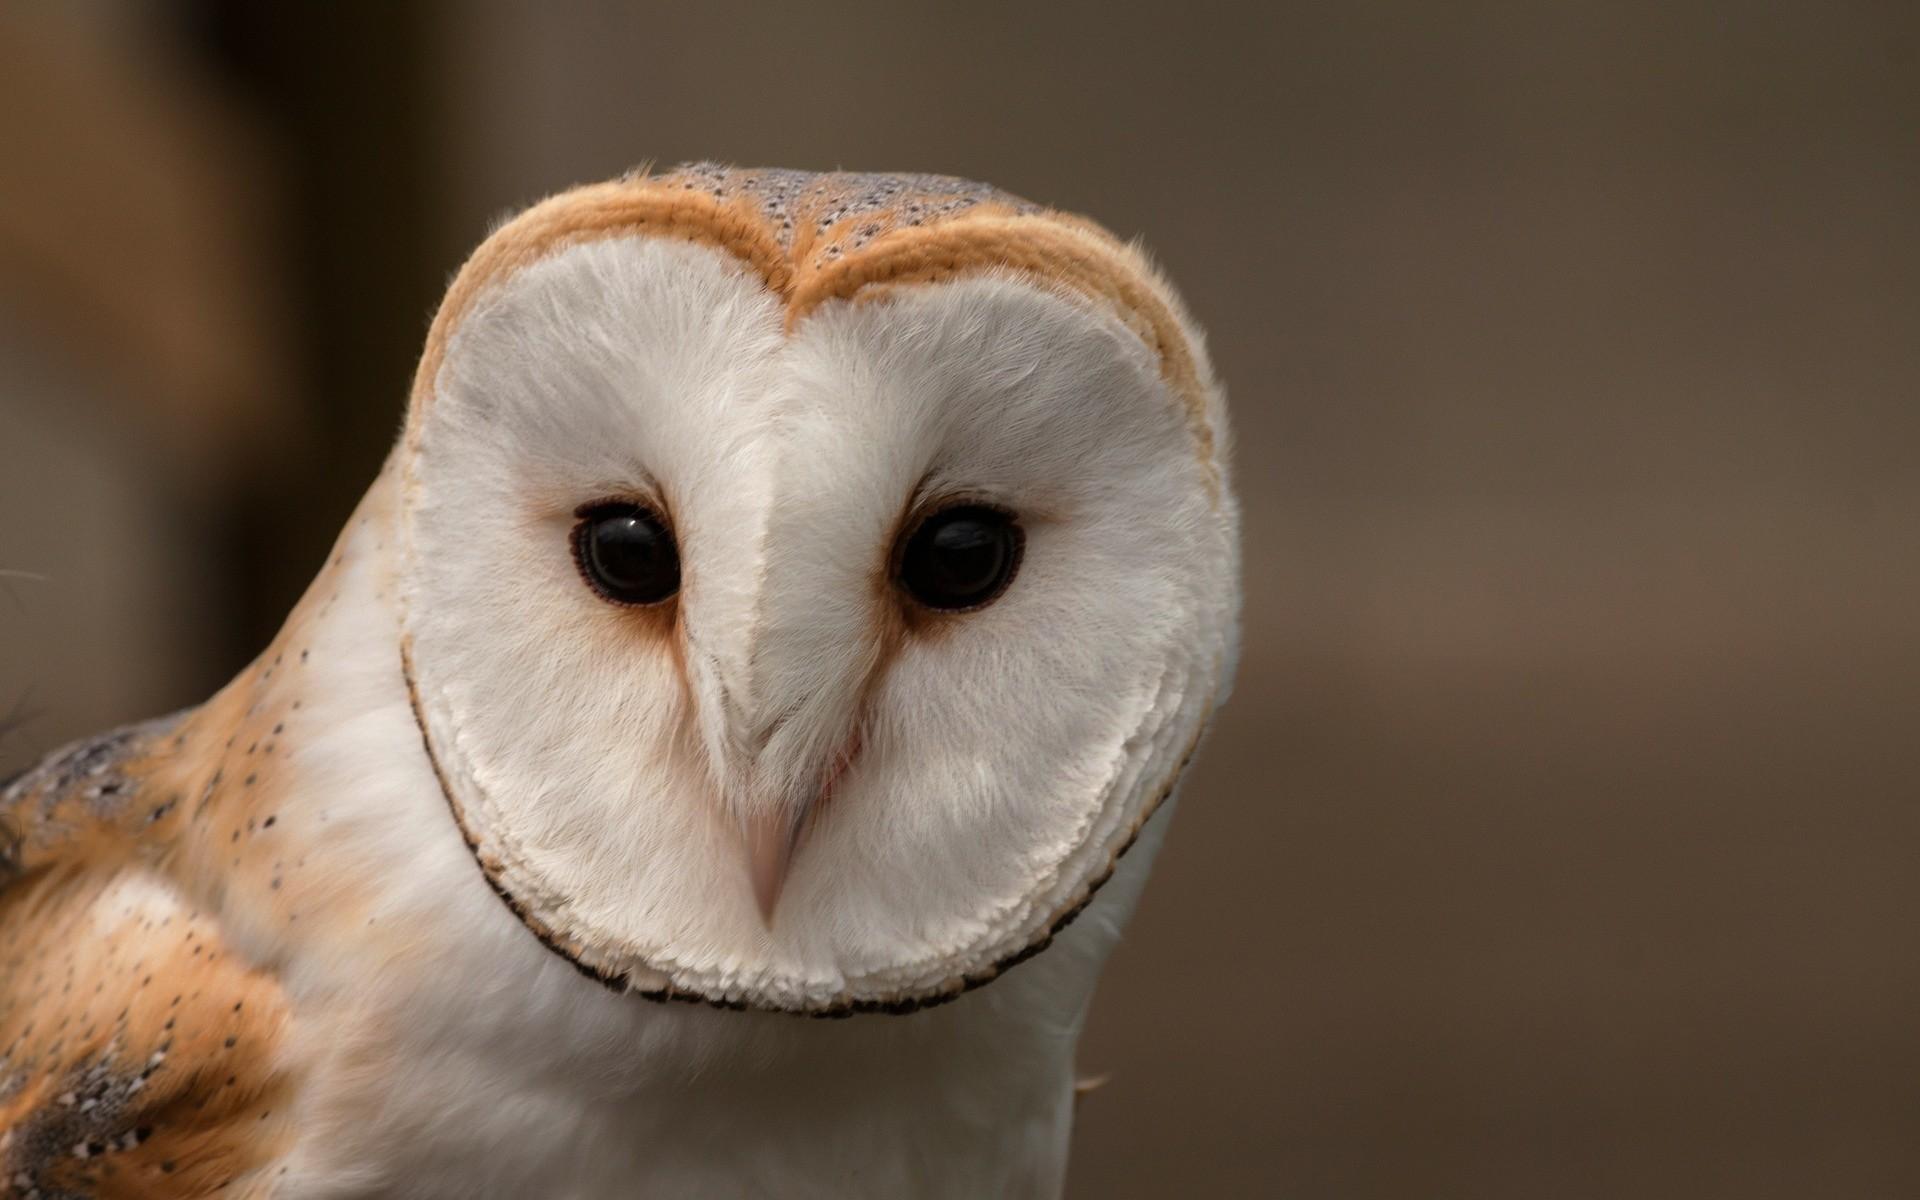 Fonds d 39 cran oiseaux gratuits - Image de chouette gratuite ...